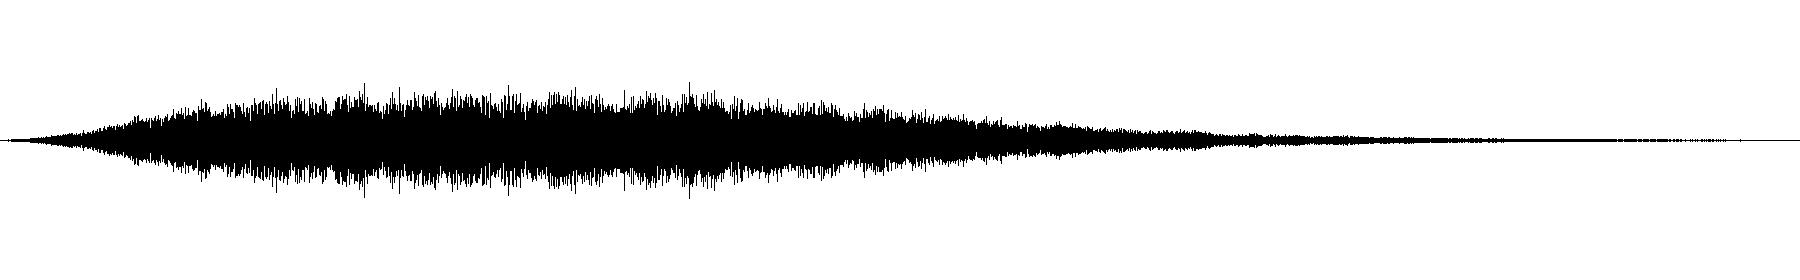 synth choir csus4